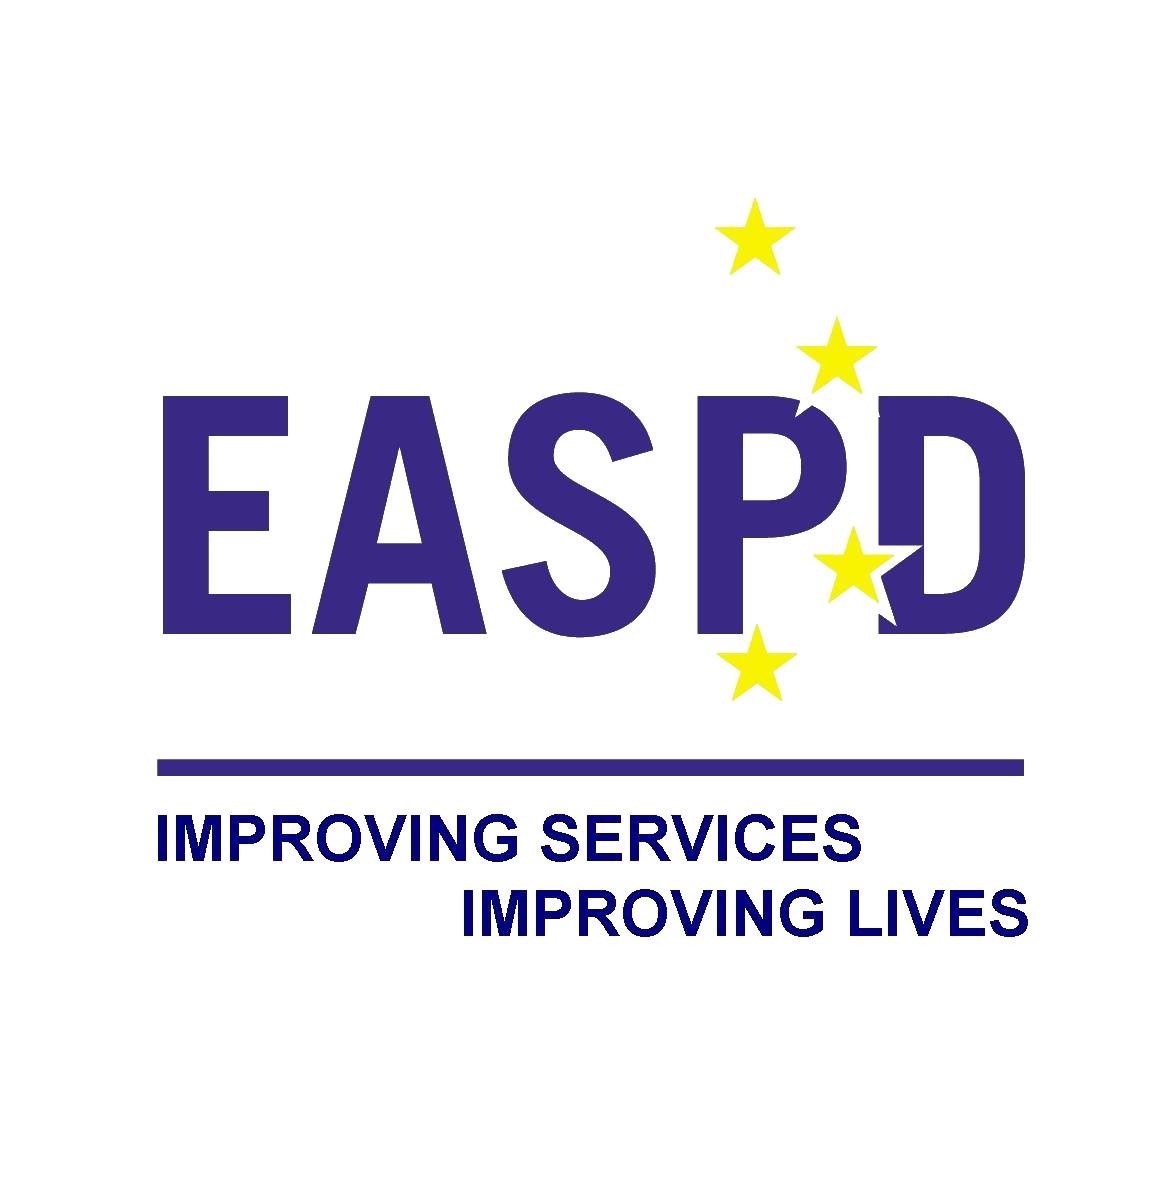 logo EASPD. siglas en azul y estrellas amarillas simulando la bandera europea